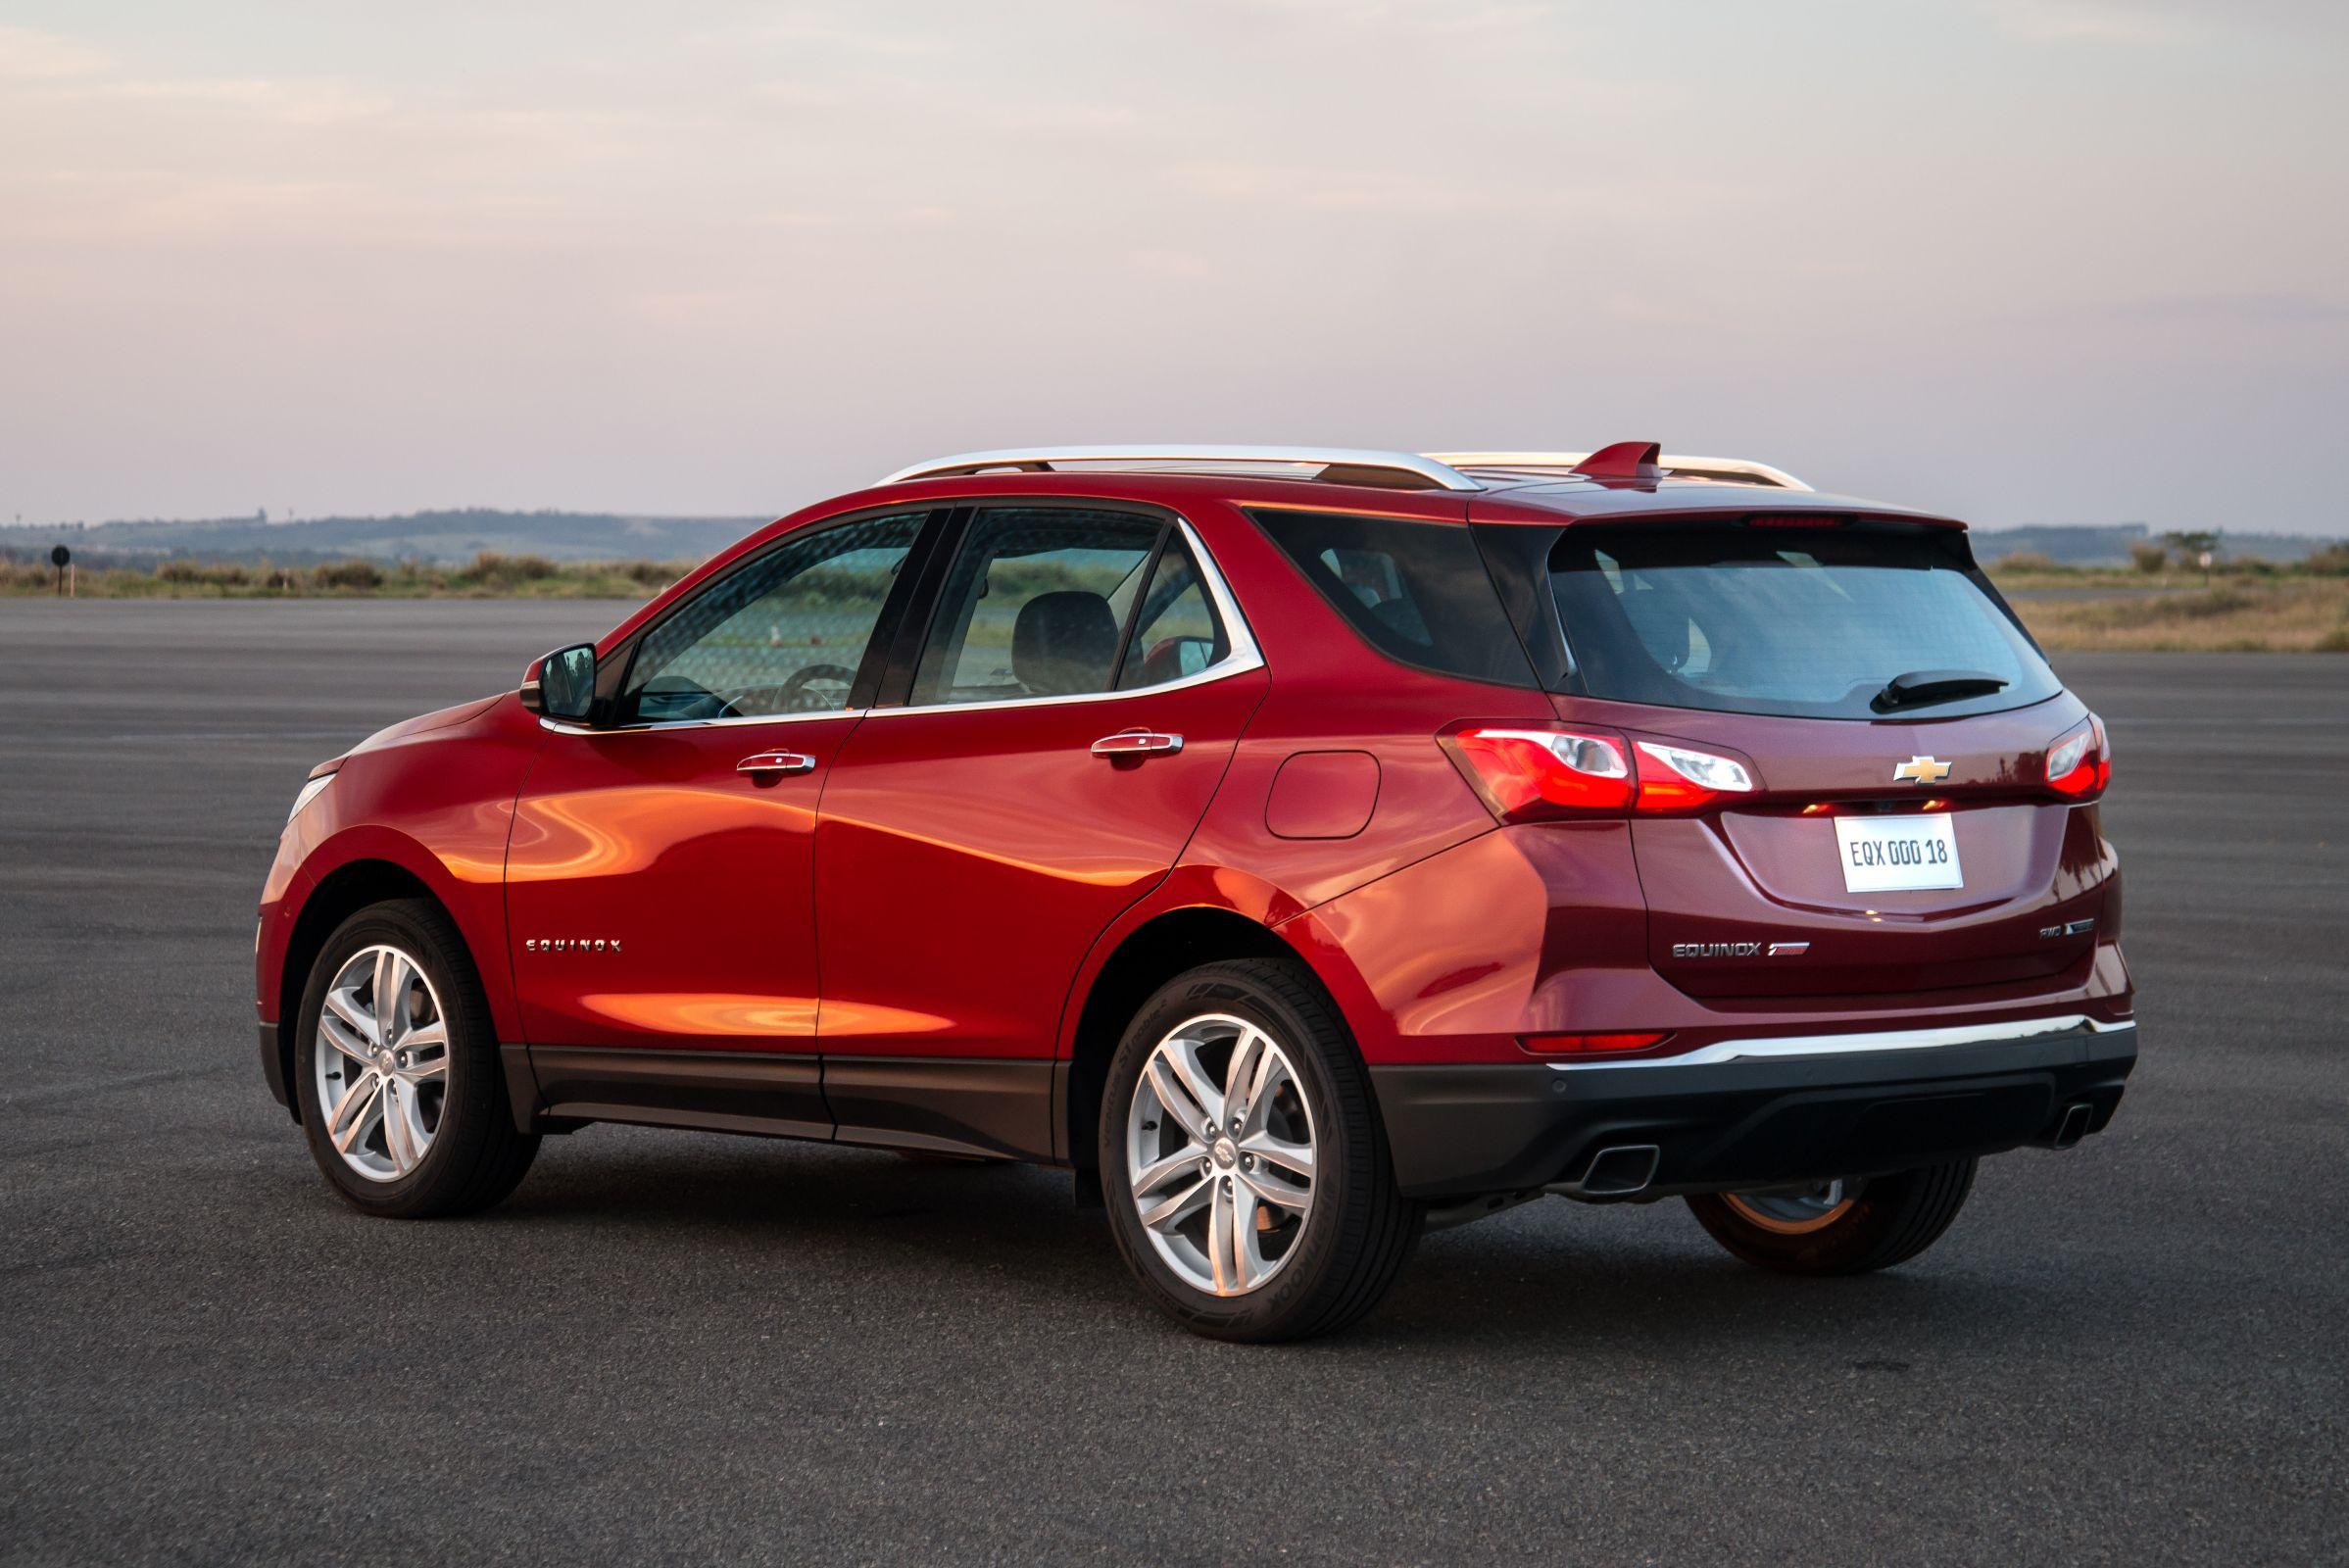 Traseira: Saiba os detalhes do novo SUV Chevrolet Equinox 2018, que chega em versão única e com preço de R$ 150 mil para enfrentar concorrentes.